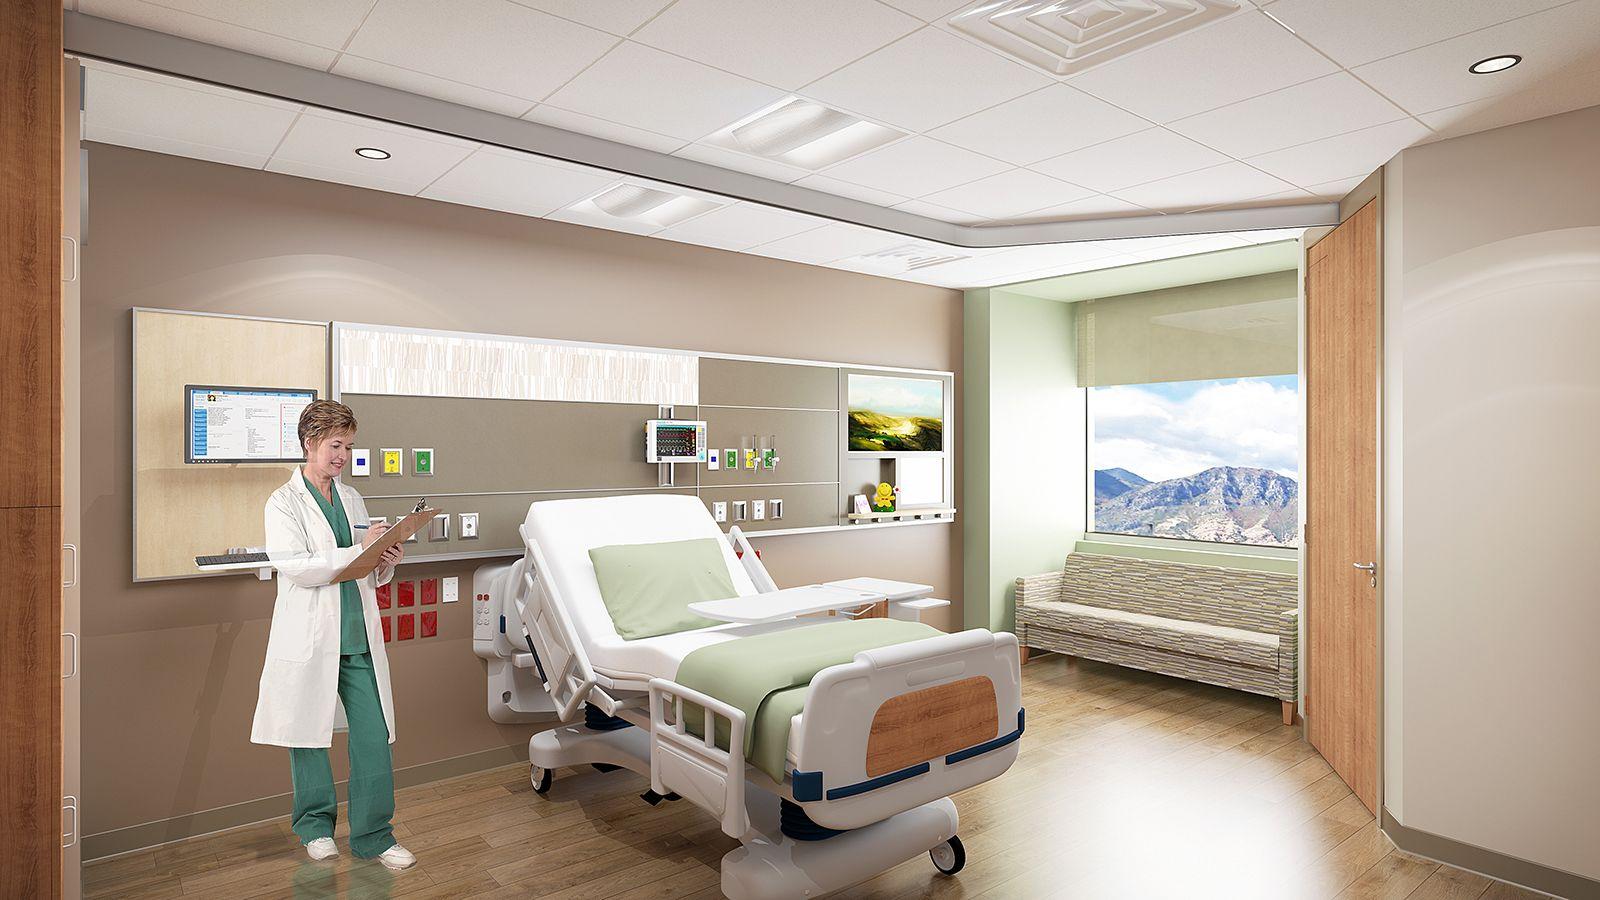 medical interior wallpaper: Utah Valley Hospital